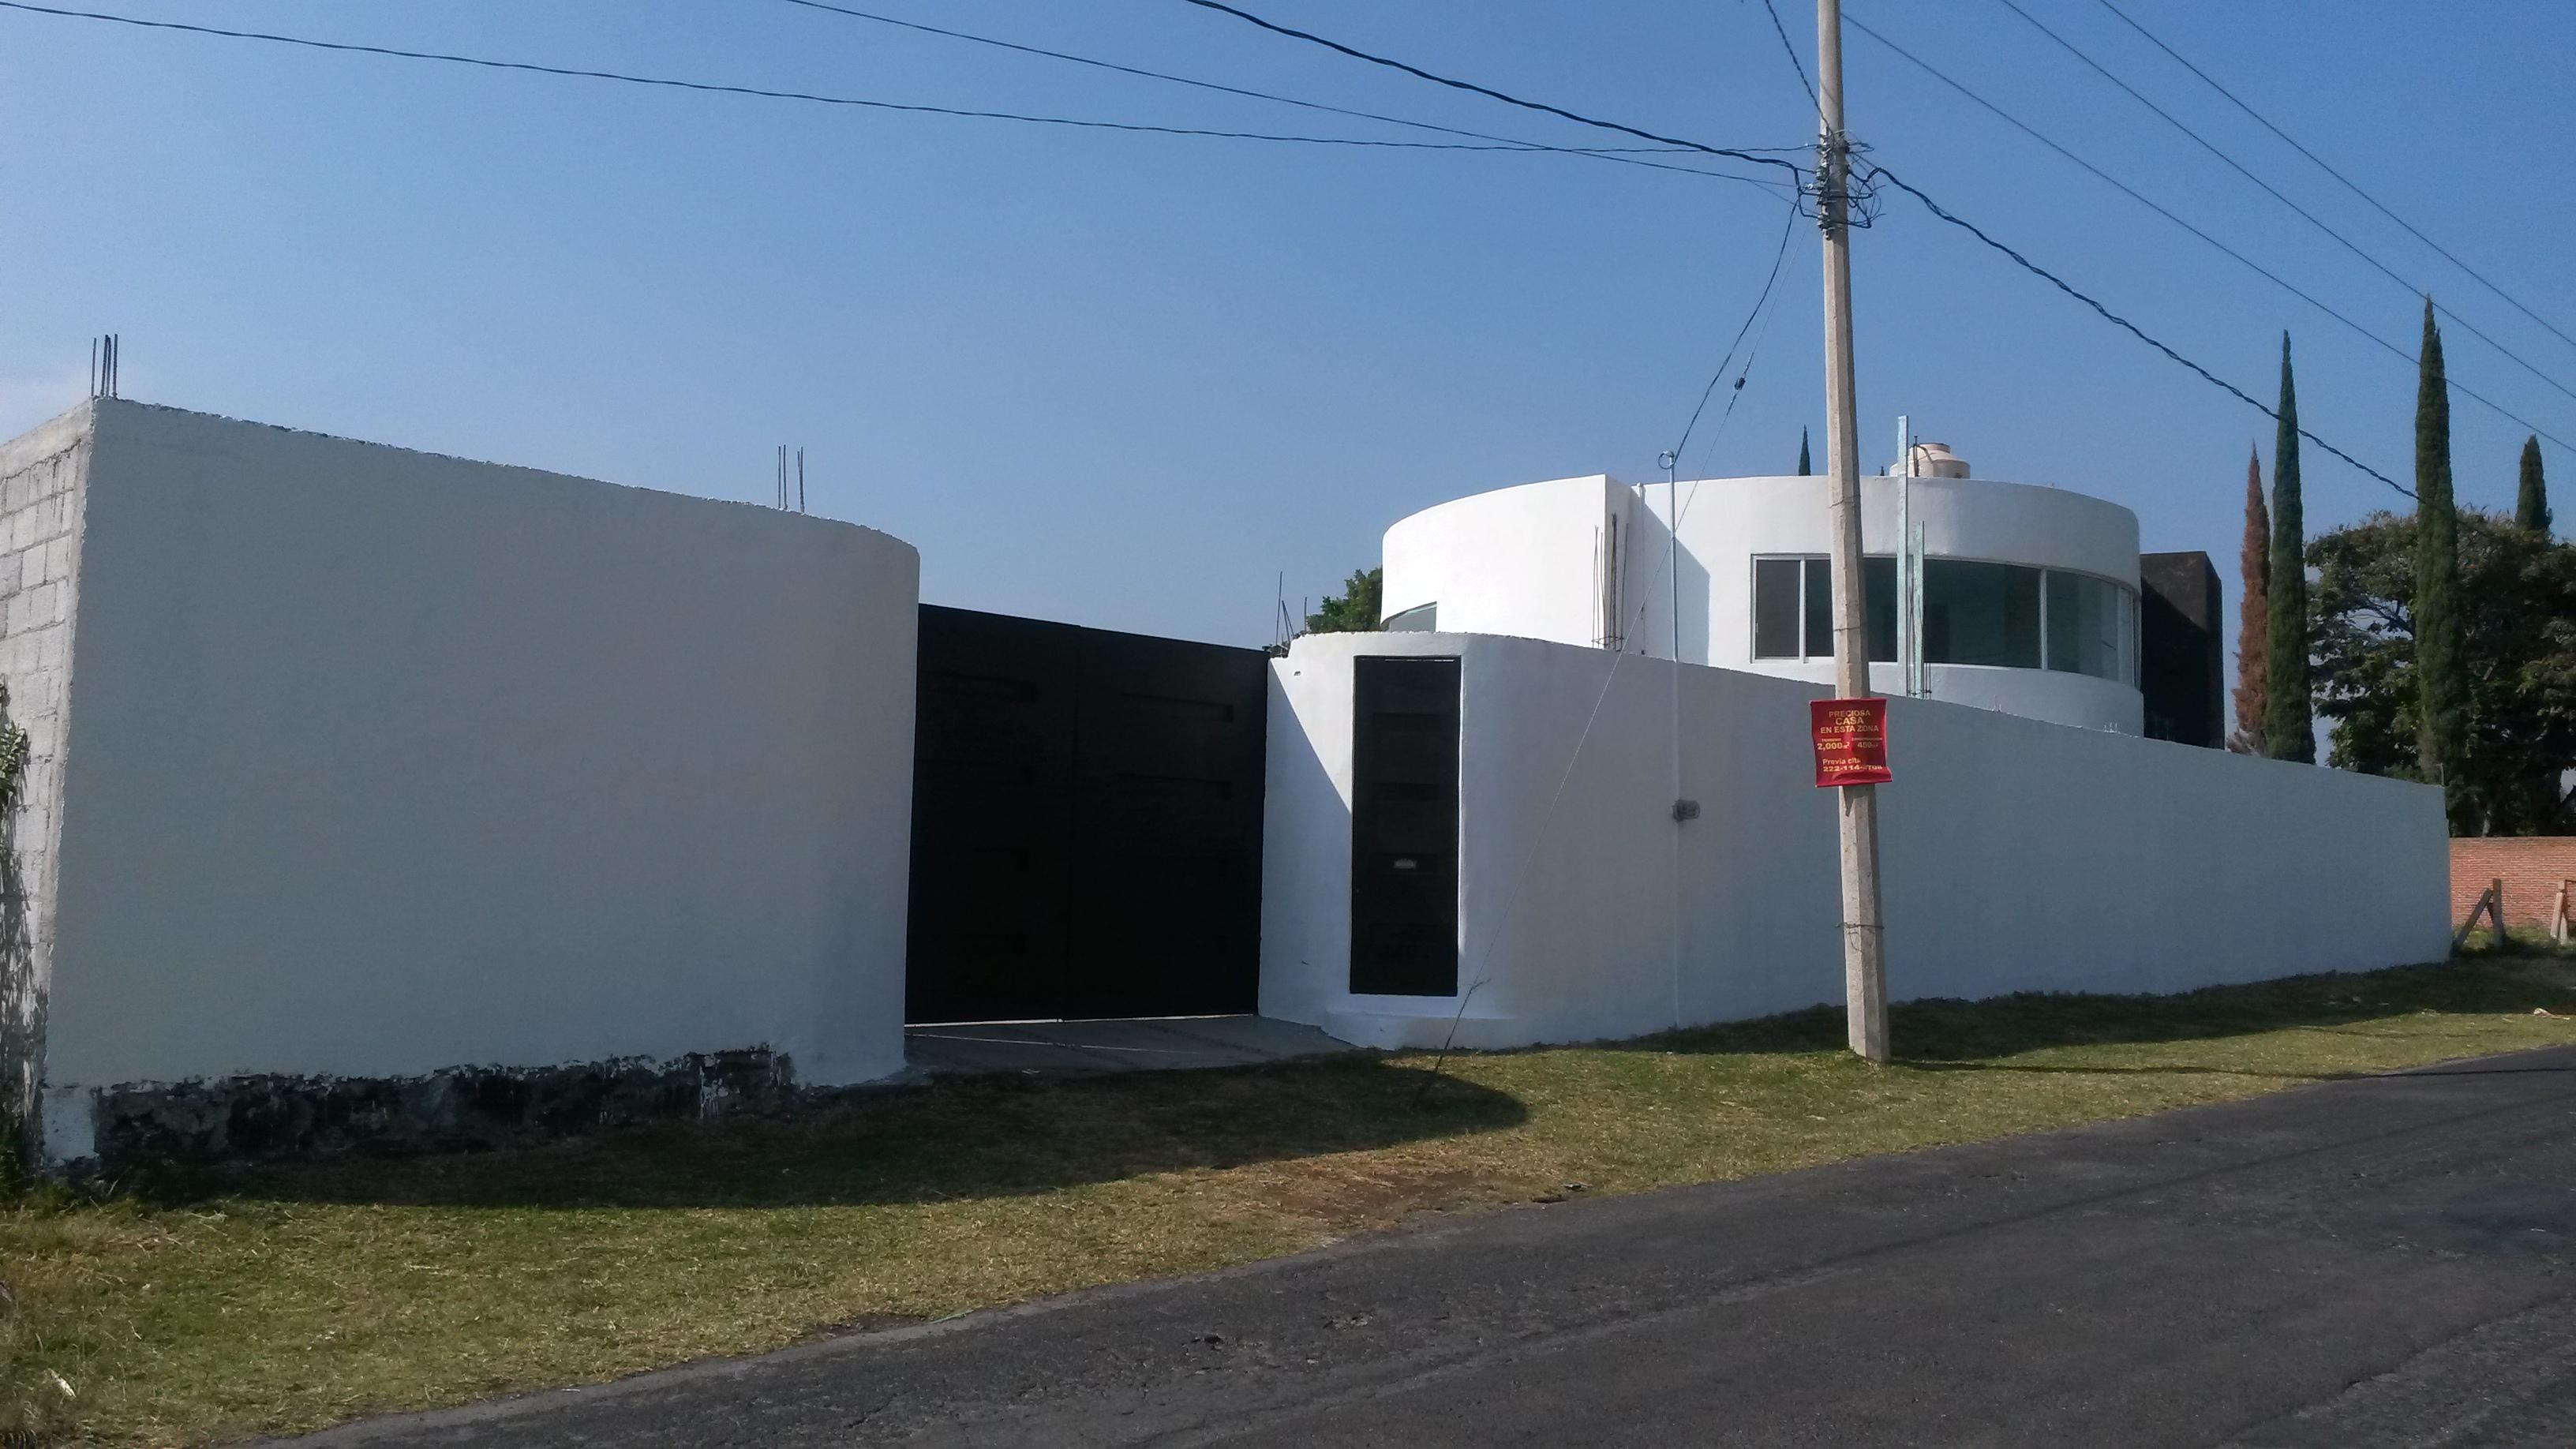 Casa nueva estilo minimalista inmomexico for Casa nueva minimalista